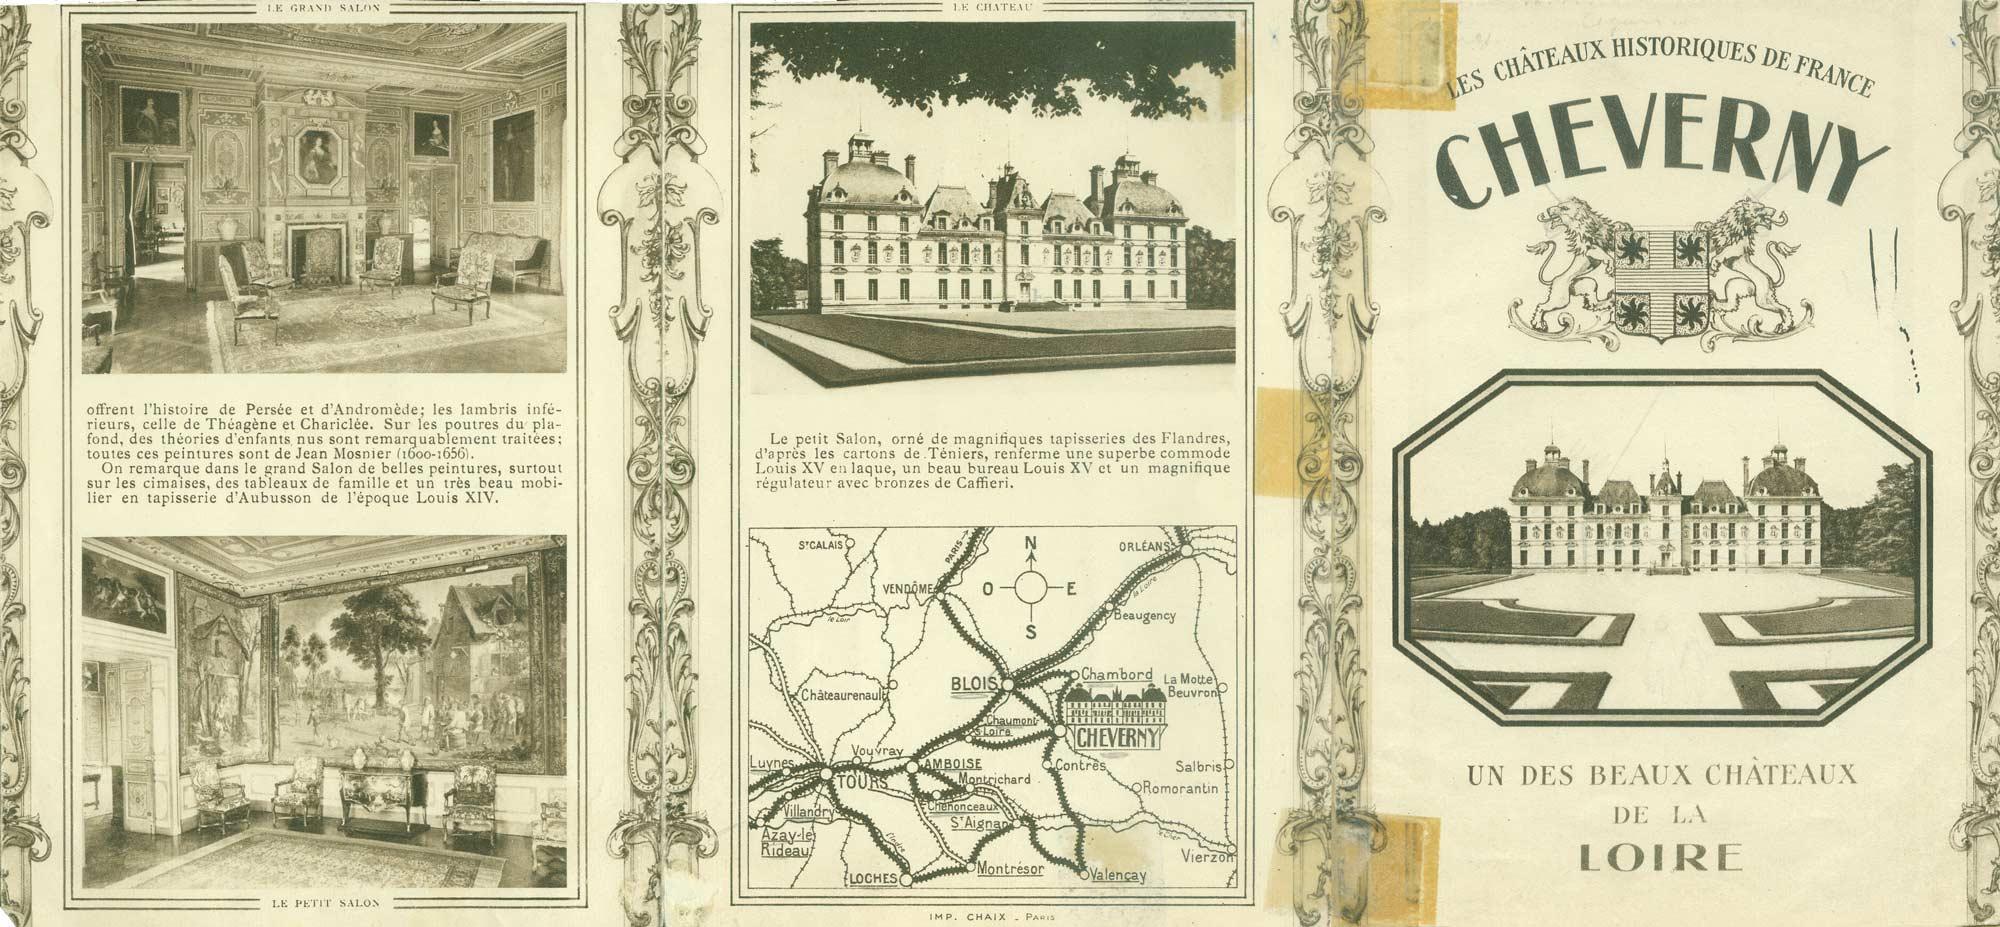 Dépliant de promotion pour le château de Cheverny recto